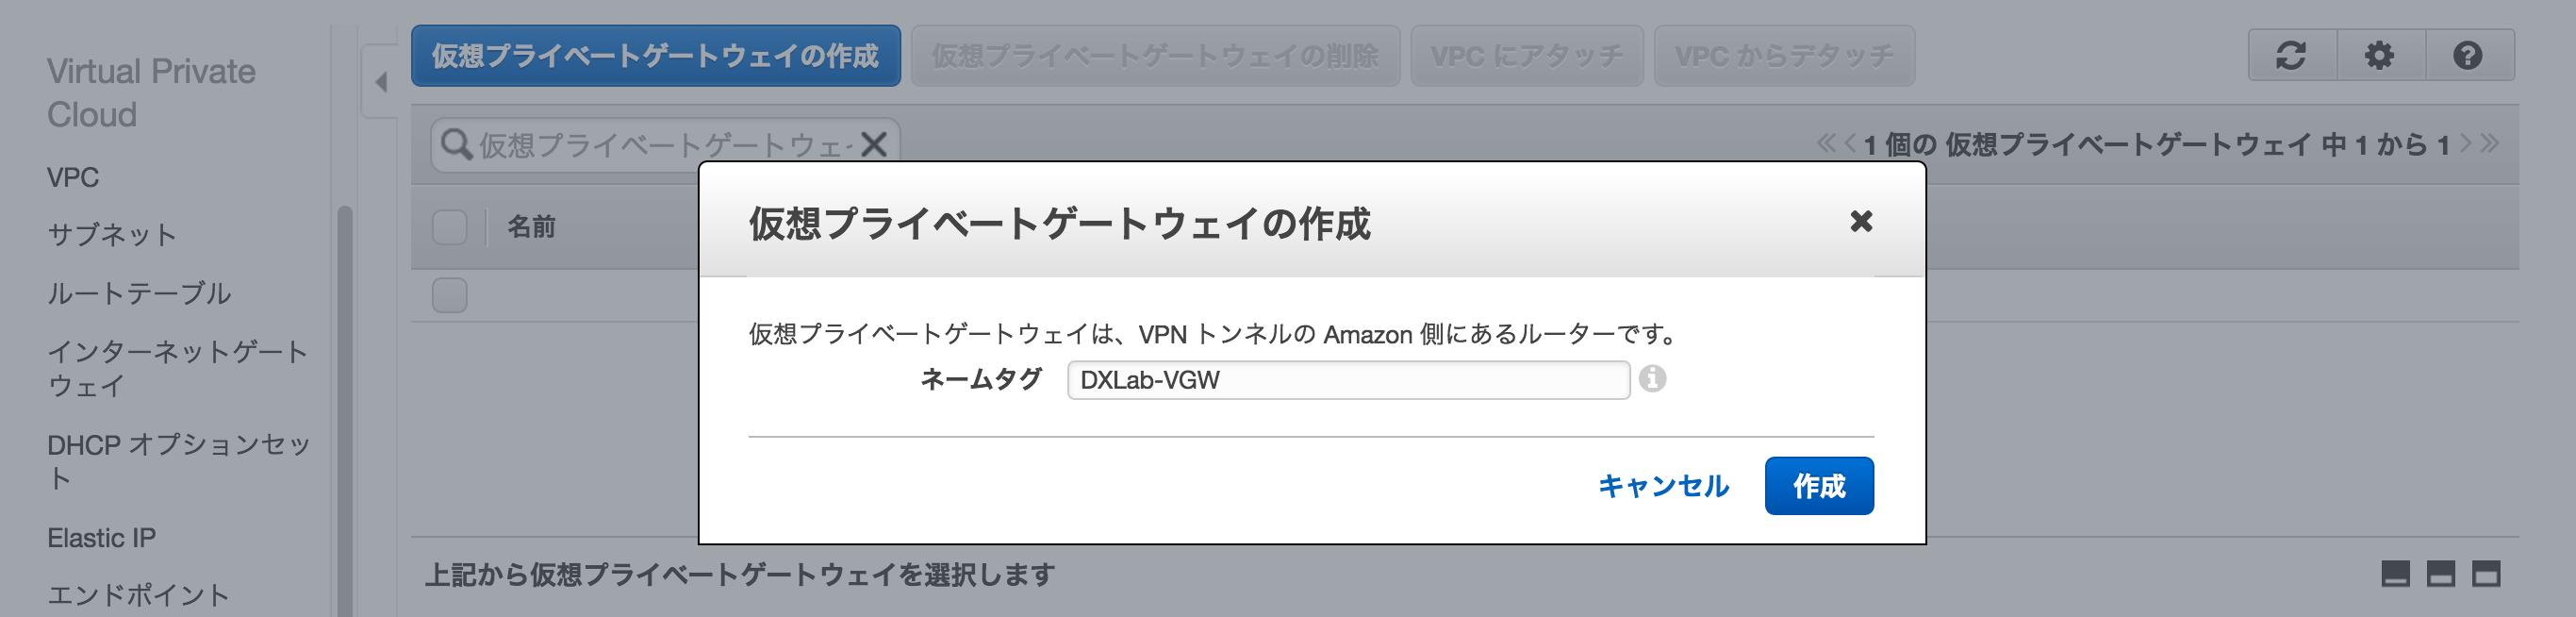 VPC-003